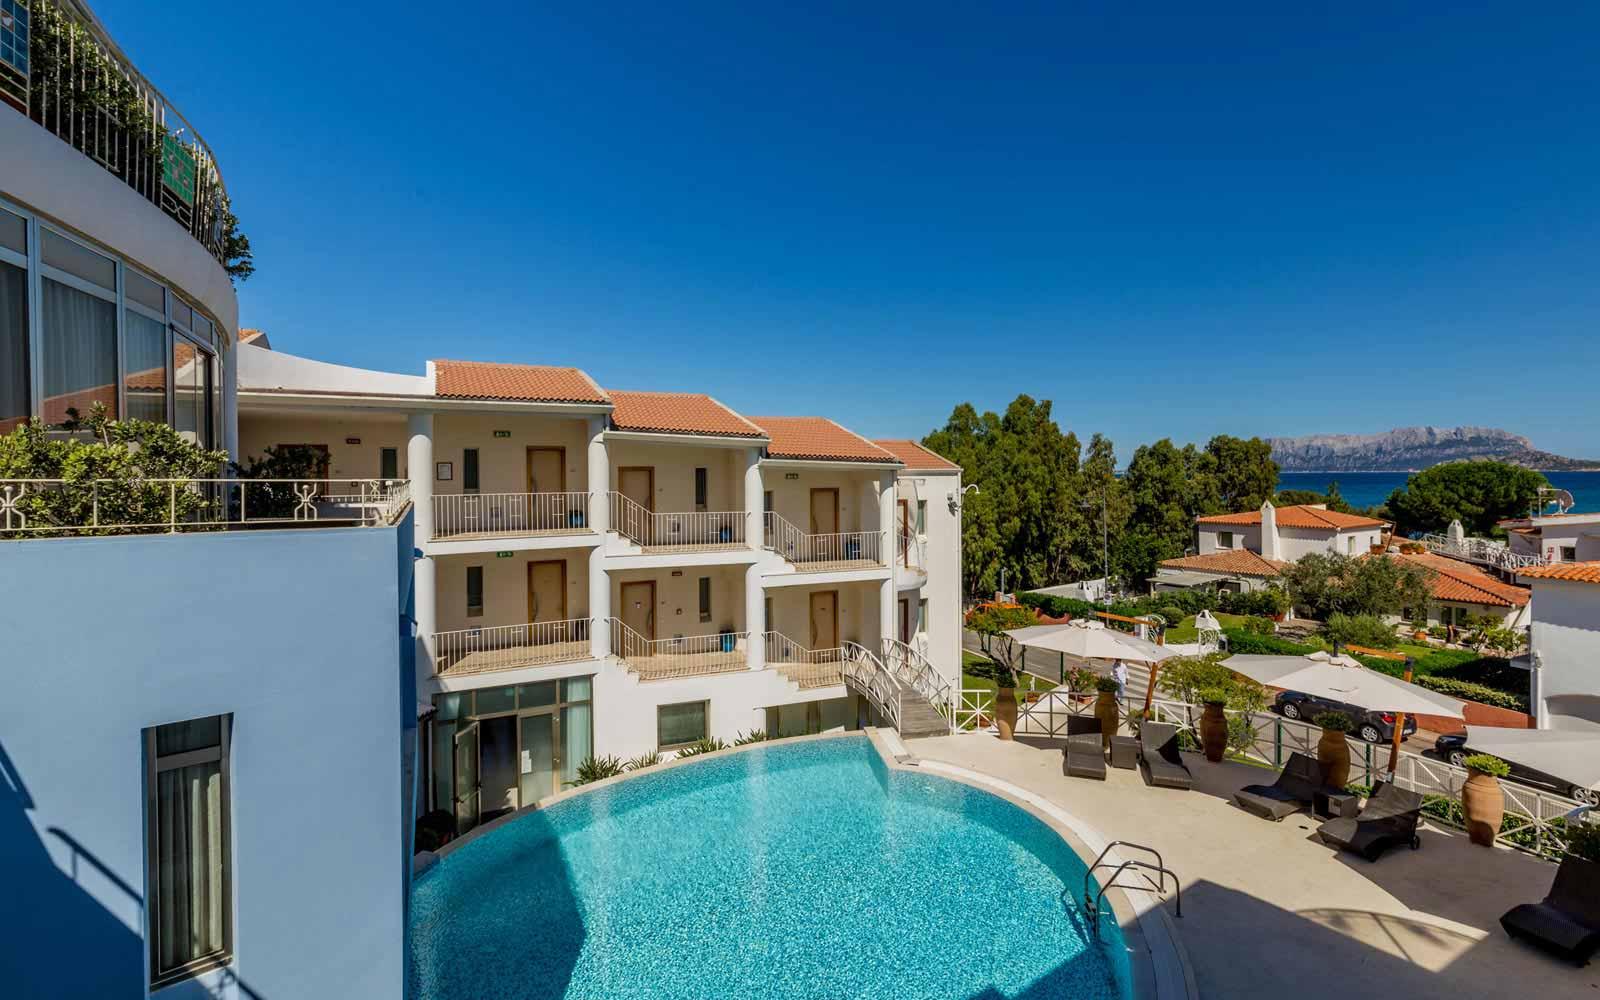 Swimming pool at the Pelican Beach Resort & Spa